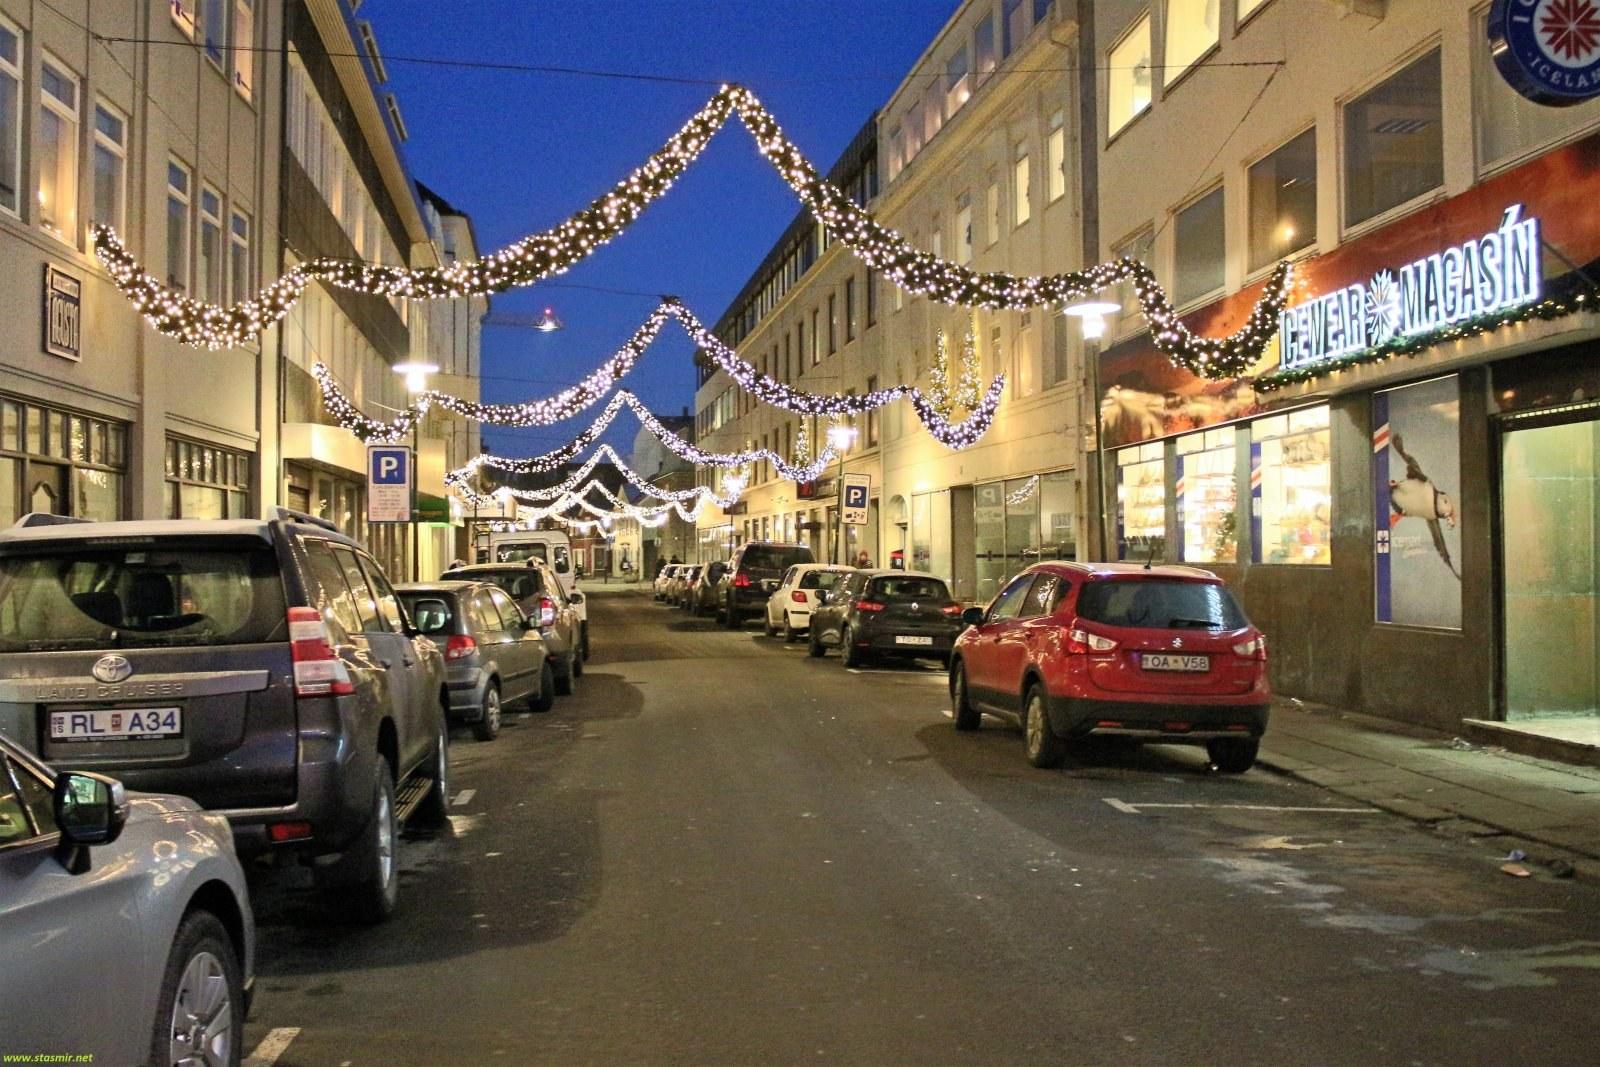 Улицы Рейкьявике в праздничном убранстве, фото Стасмир, photo Stasmir